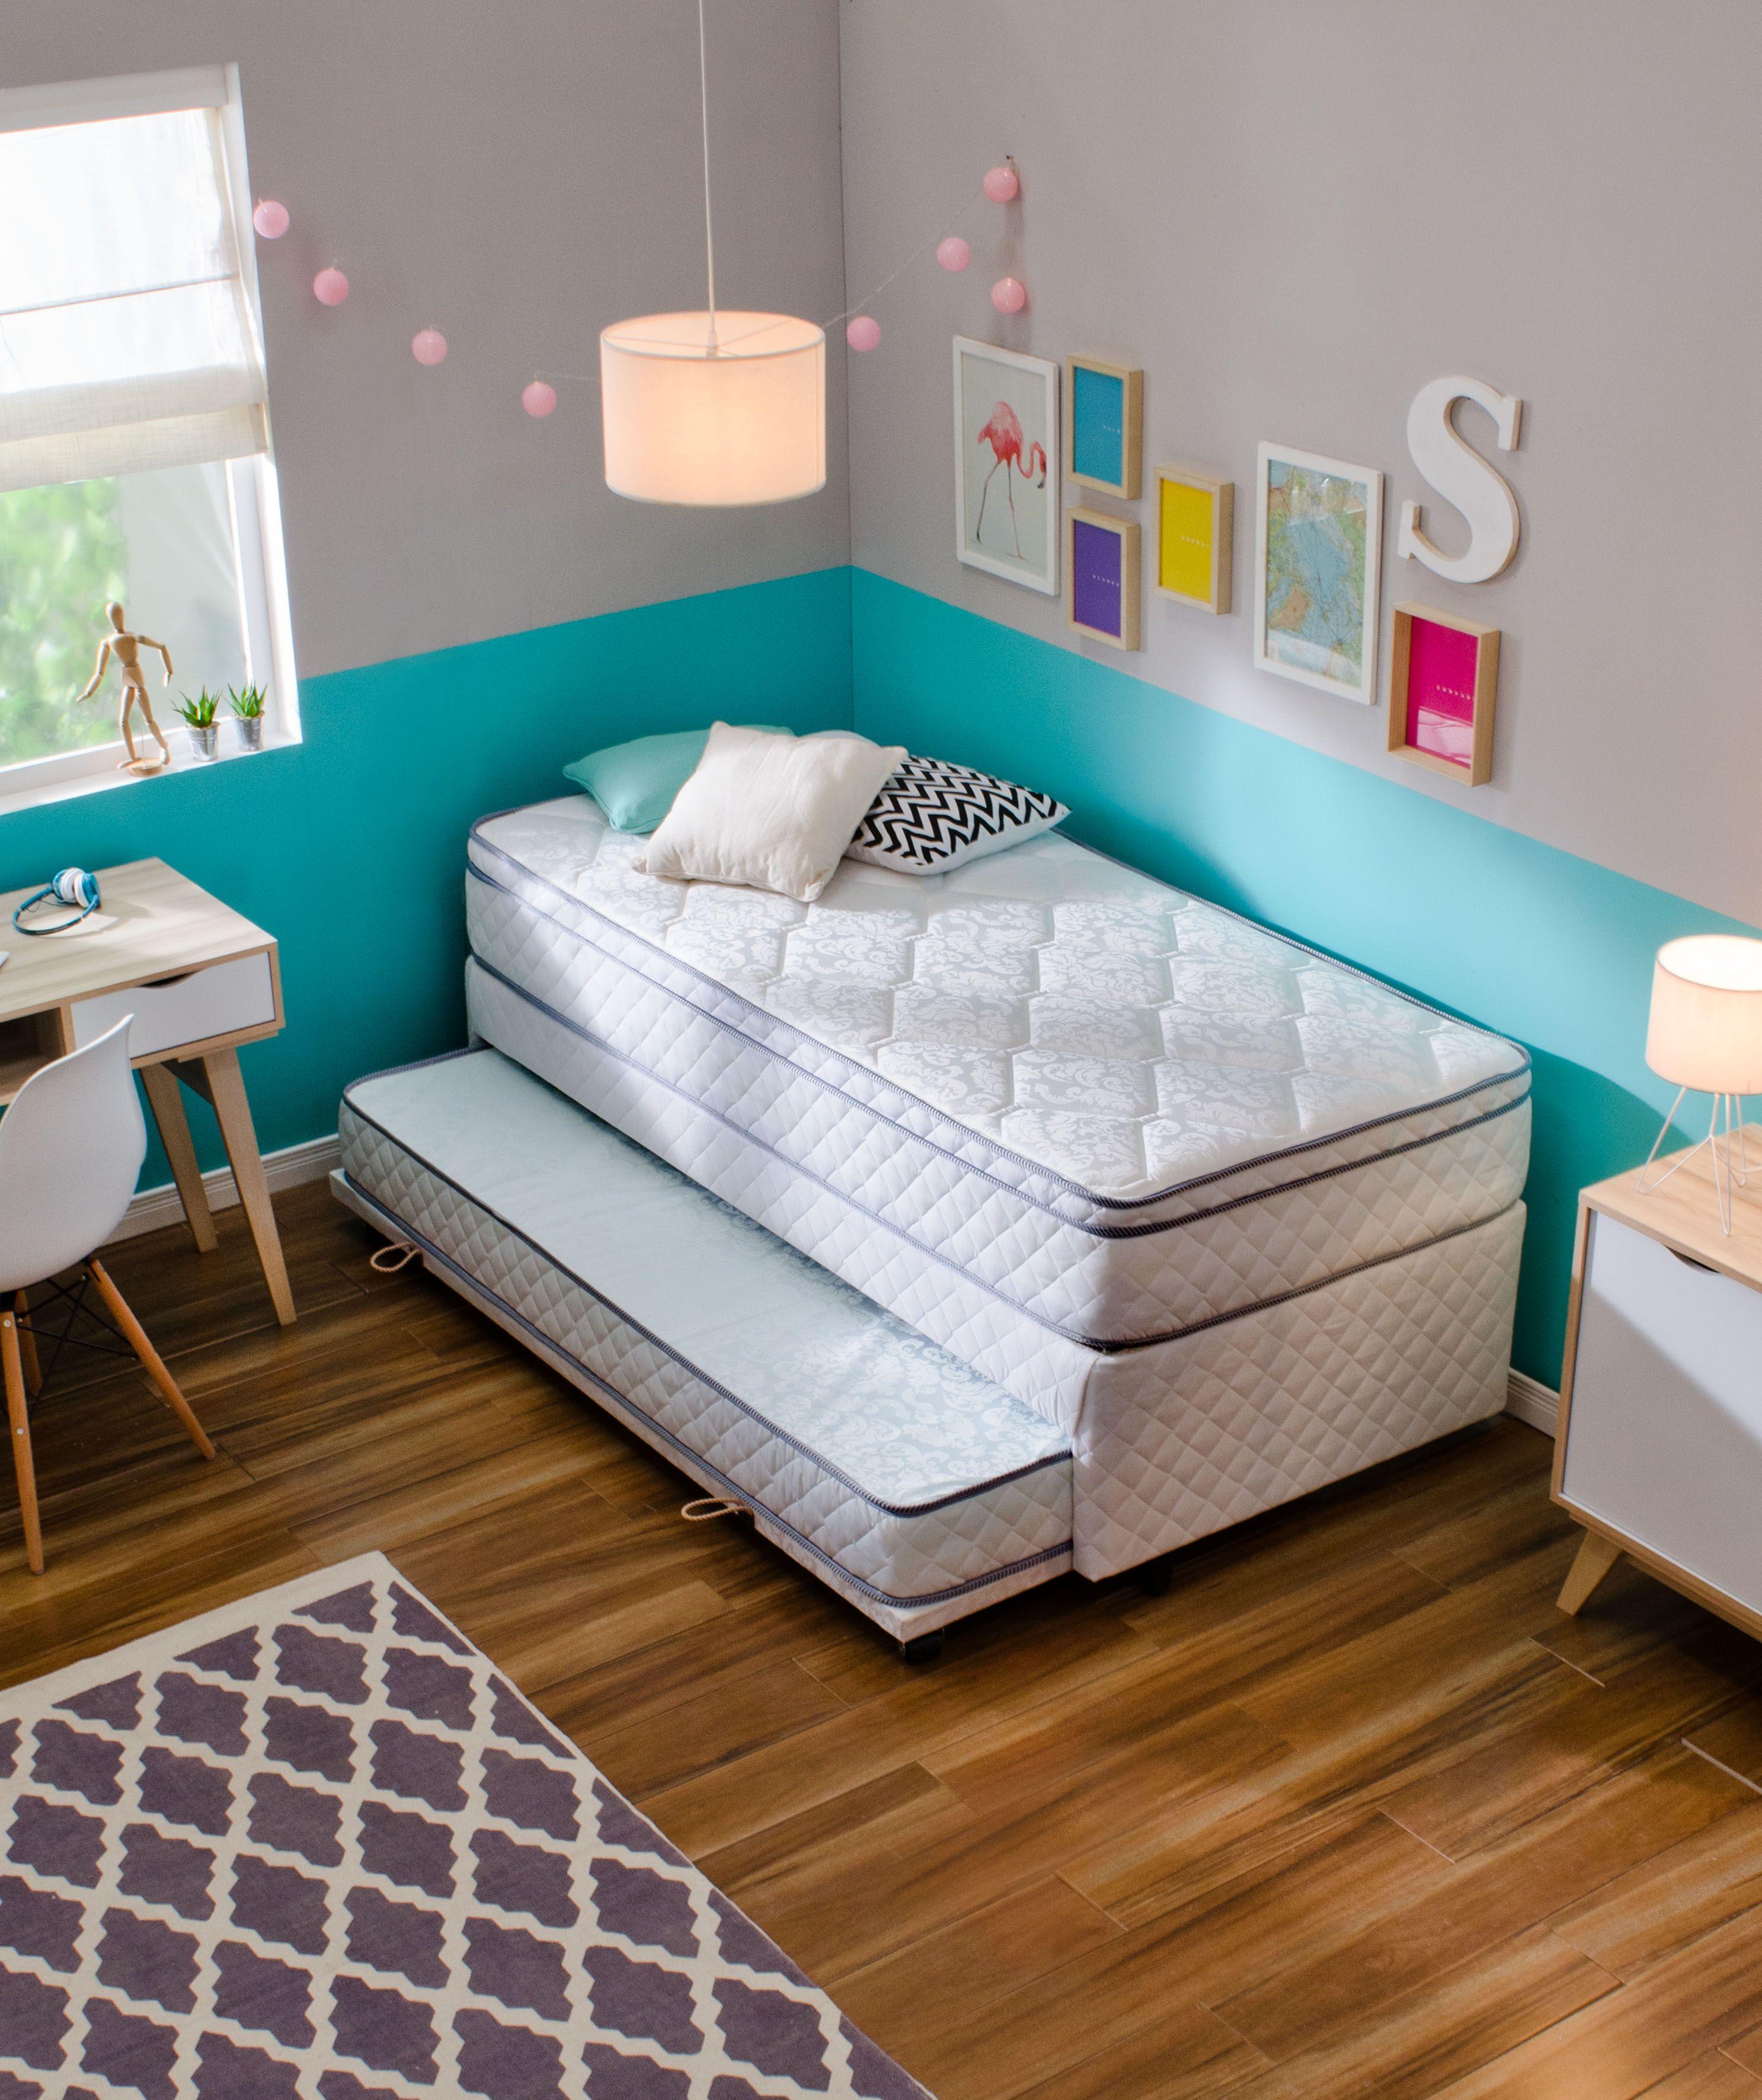 Colores alegres para un cuarto luminoso colores for Combinacion de colores para habitacion